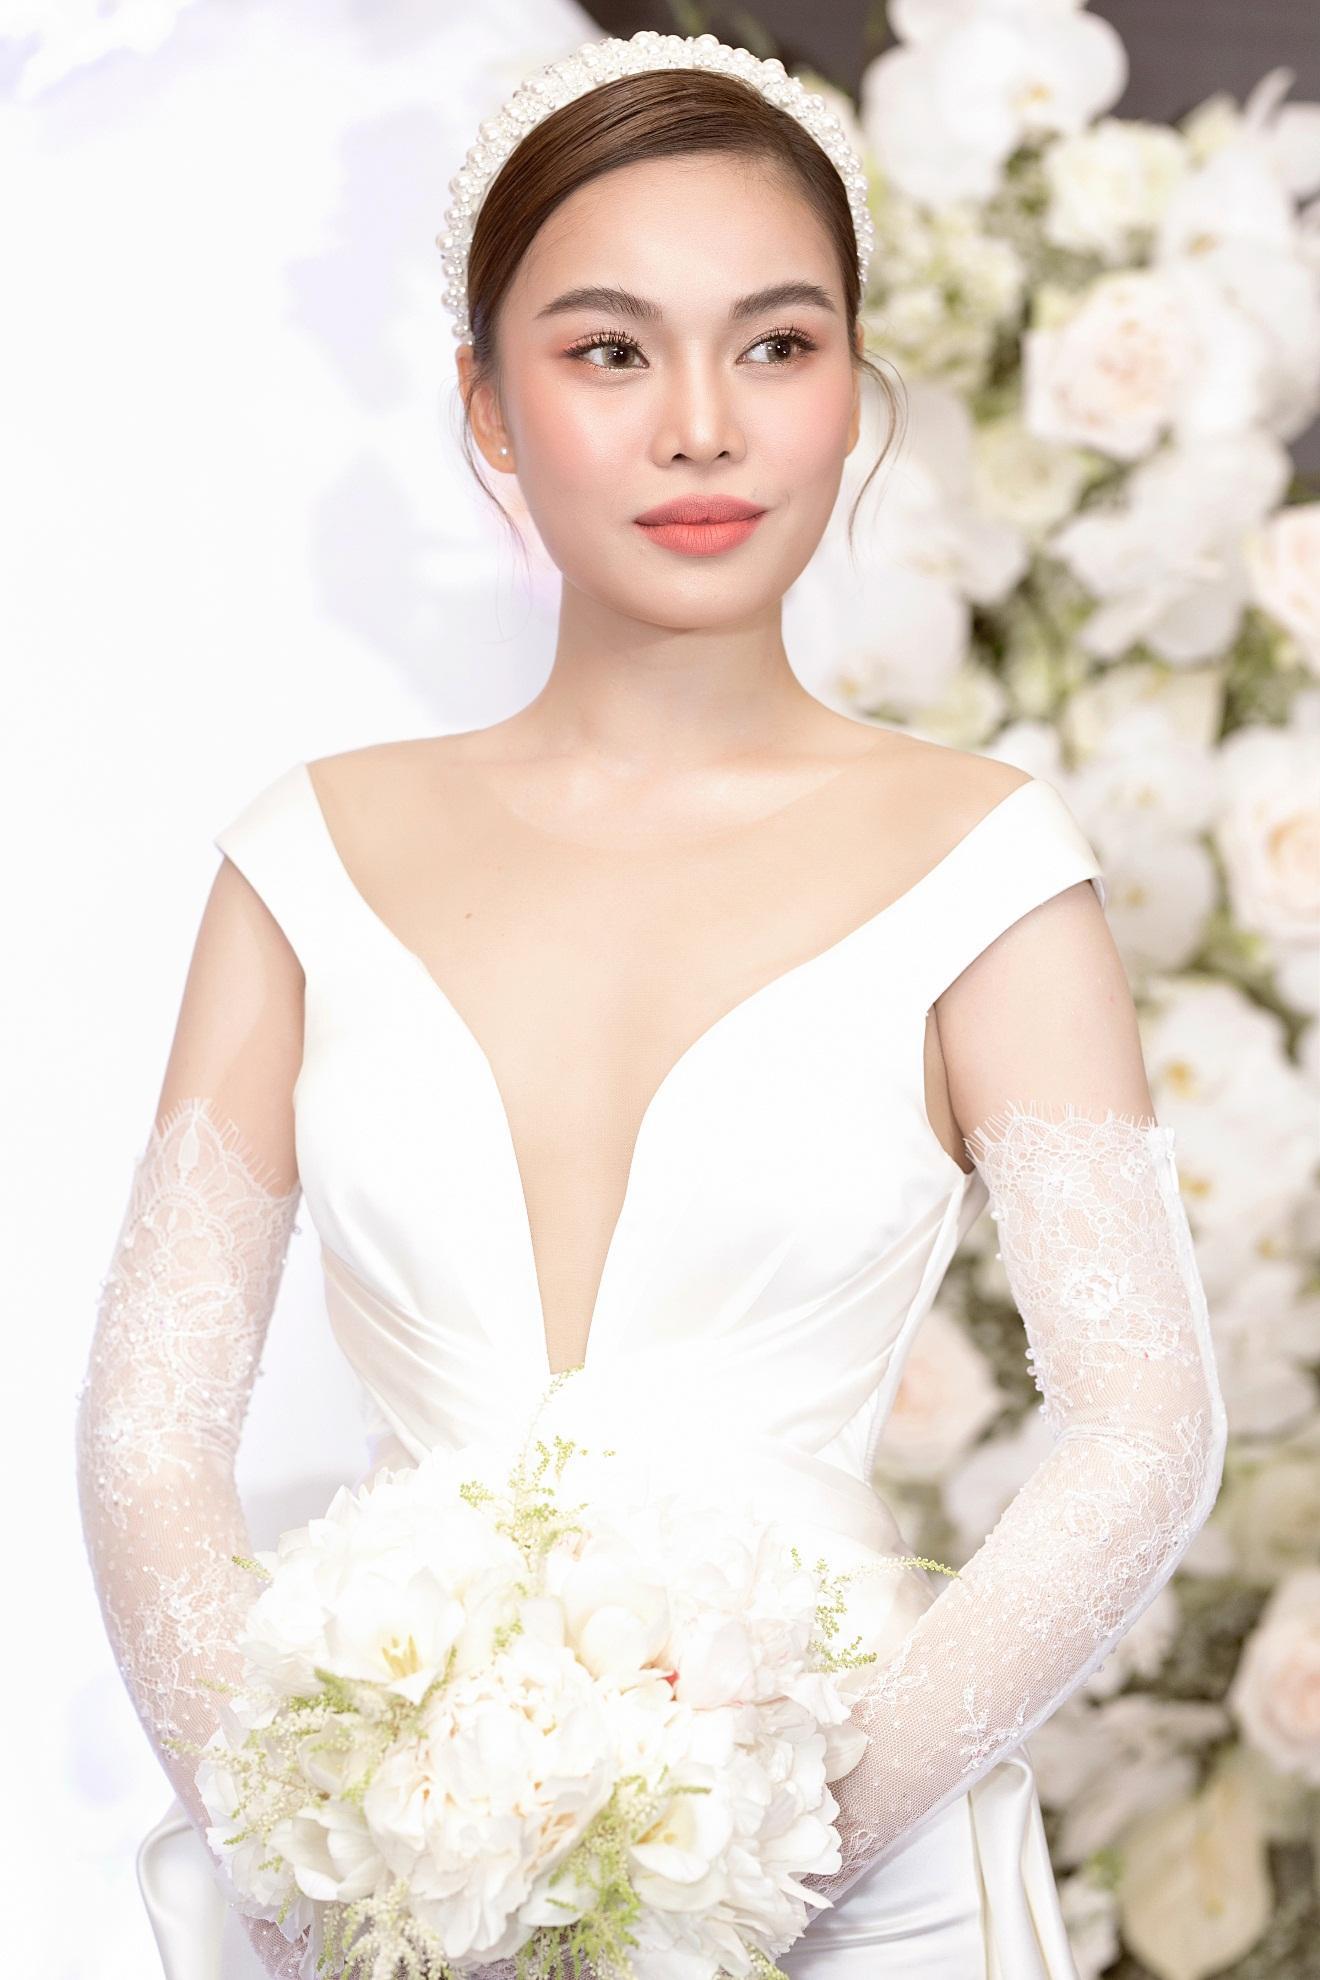 Ba mẫu váy cưới Hacchic Couture thực hiện cho Giang Hồng Ngọc kèm thông điệp ý nghĩa bất ngờ - Ảnh 3.